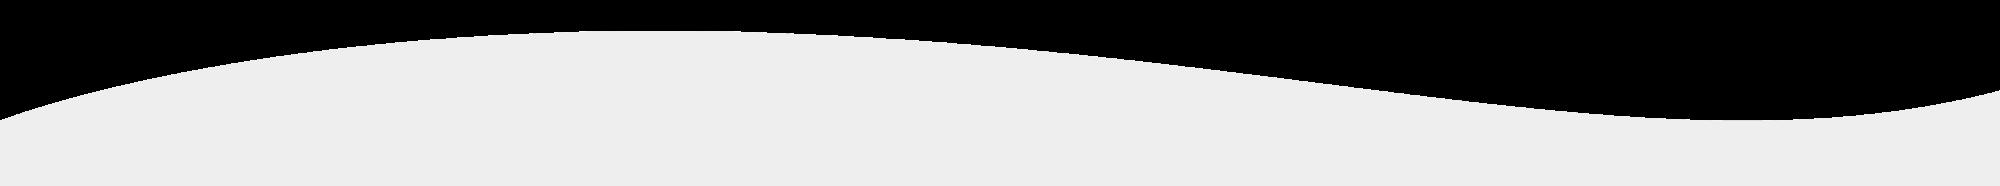 wave-top-grey-transparent-1